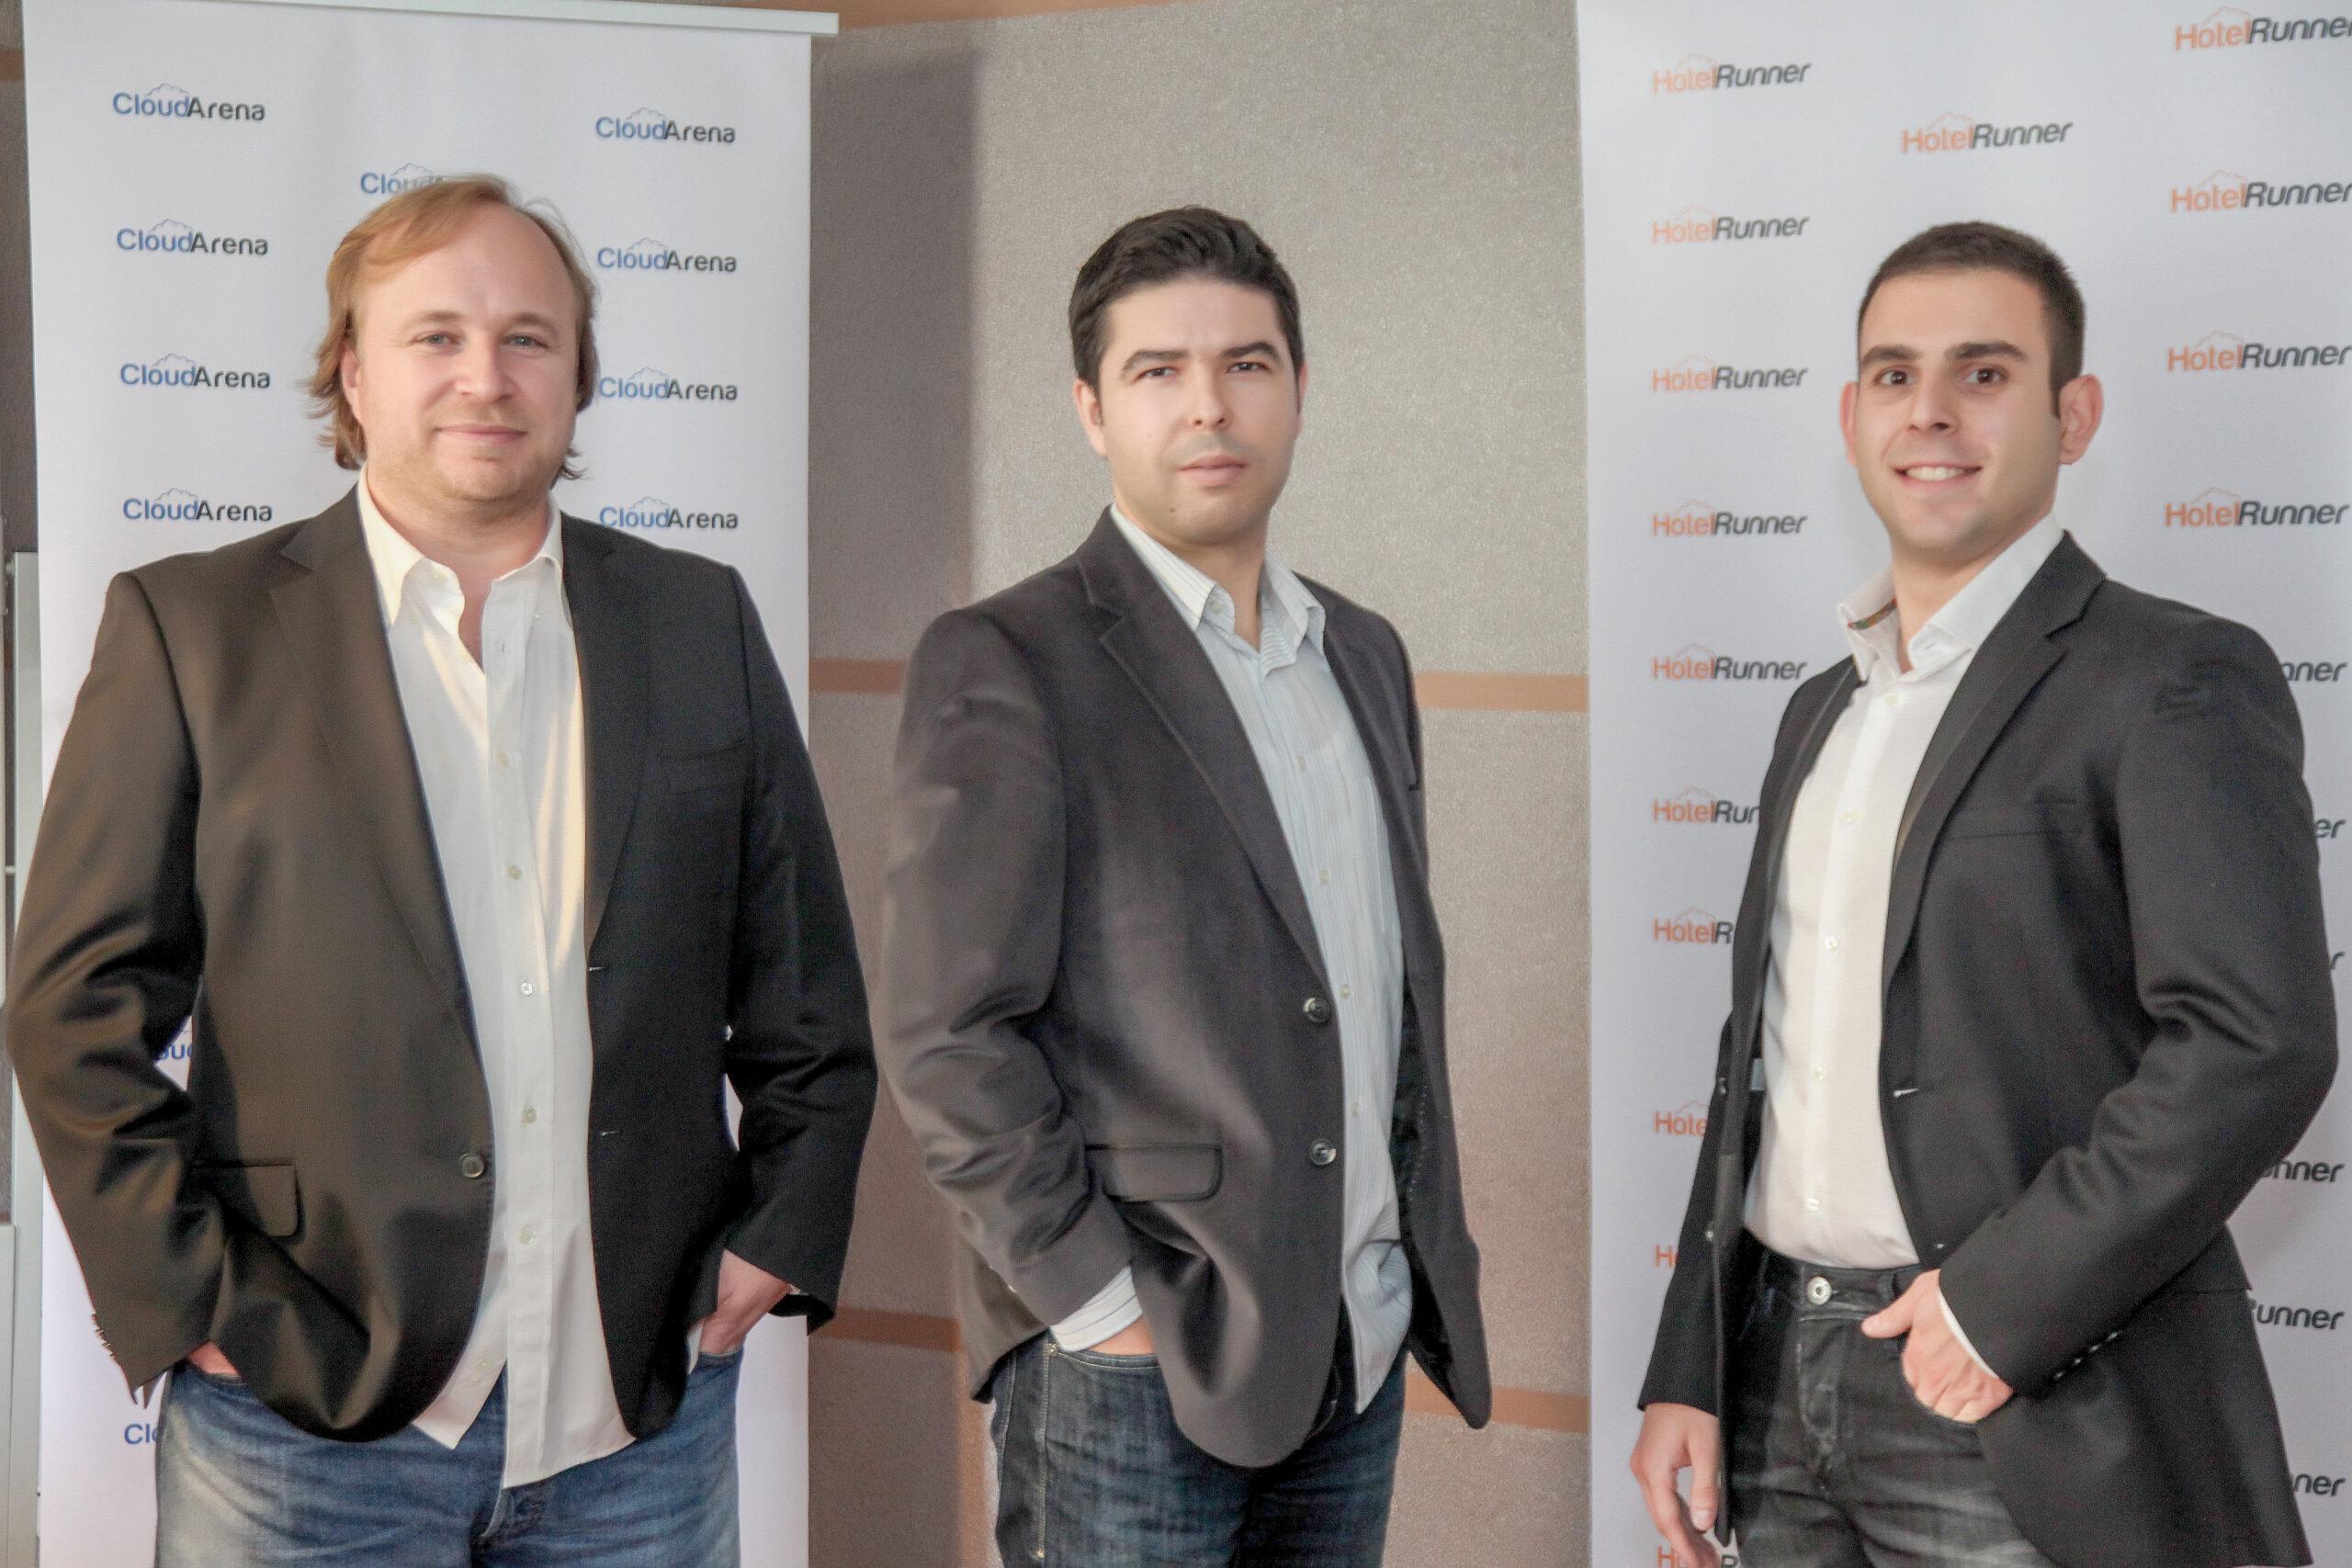 HotelRunner'ın yaratıcısı CloudArena 1.5 milyon dolarlık yatırım aldı